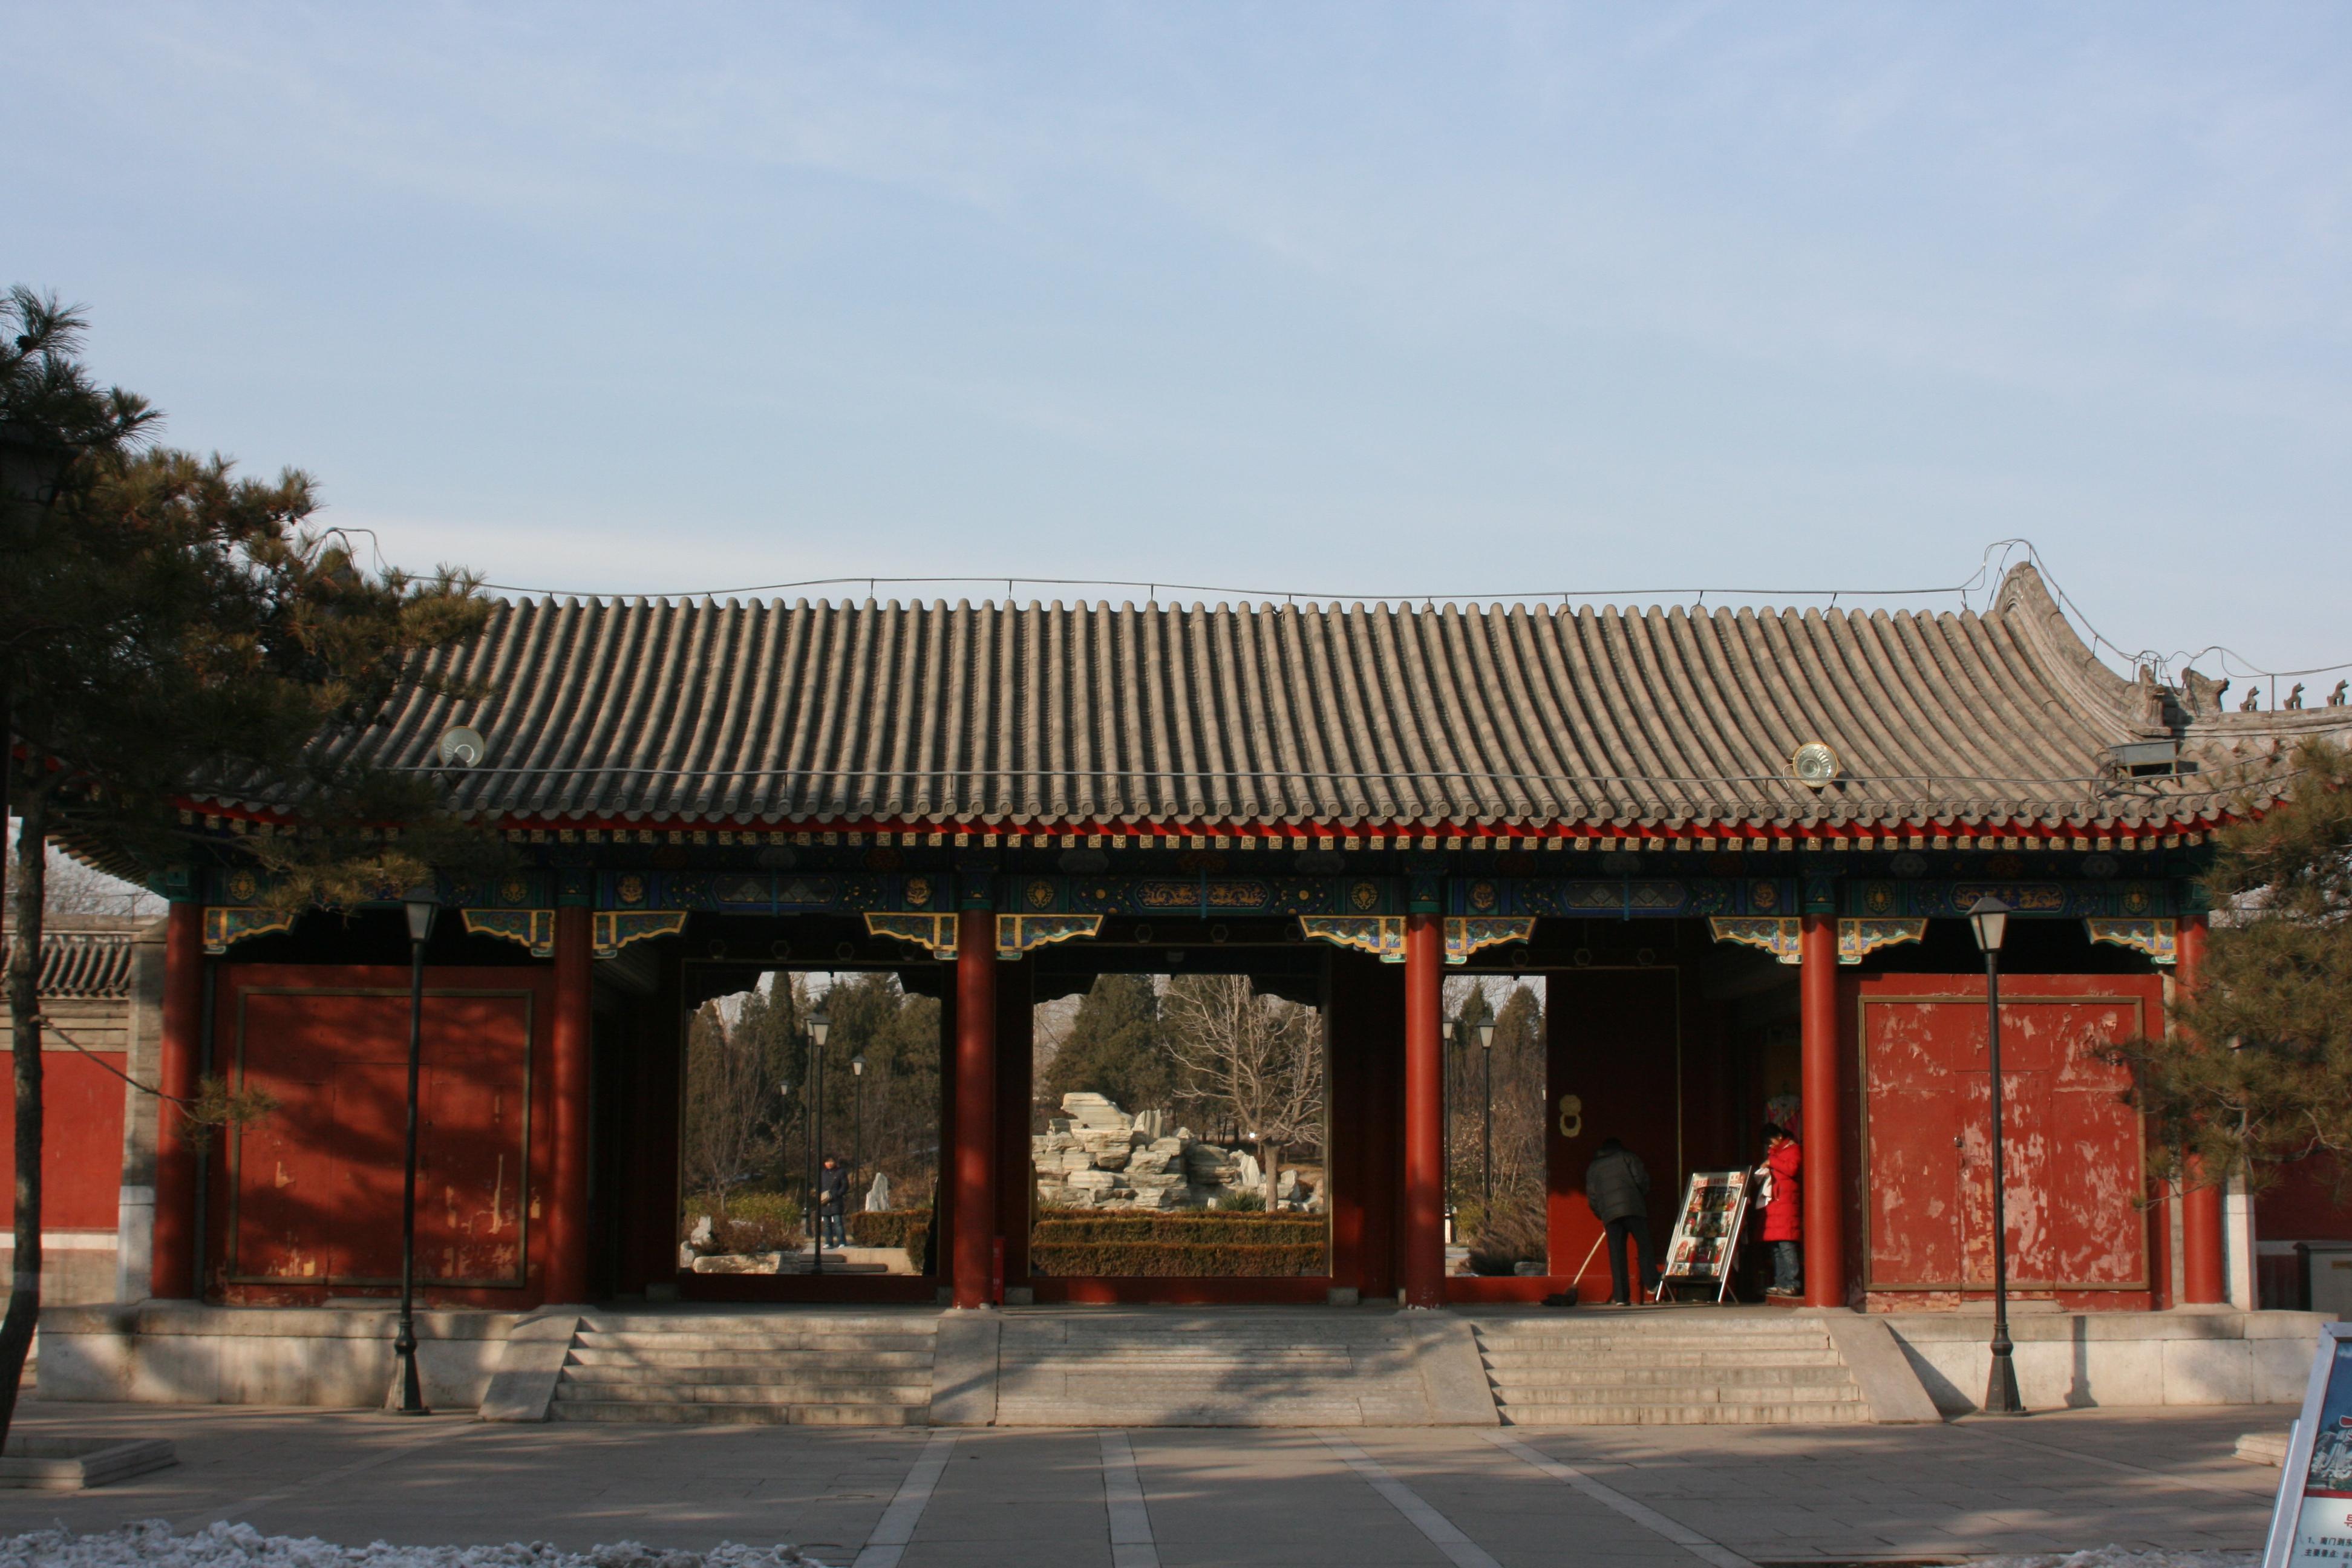 понравятся университеты пекина картинки новым